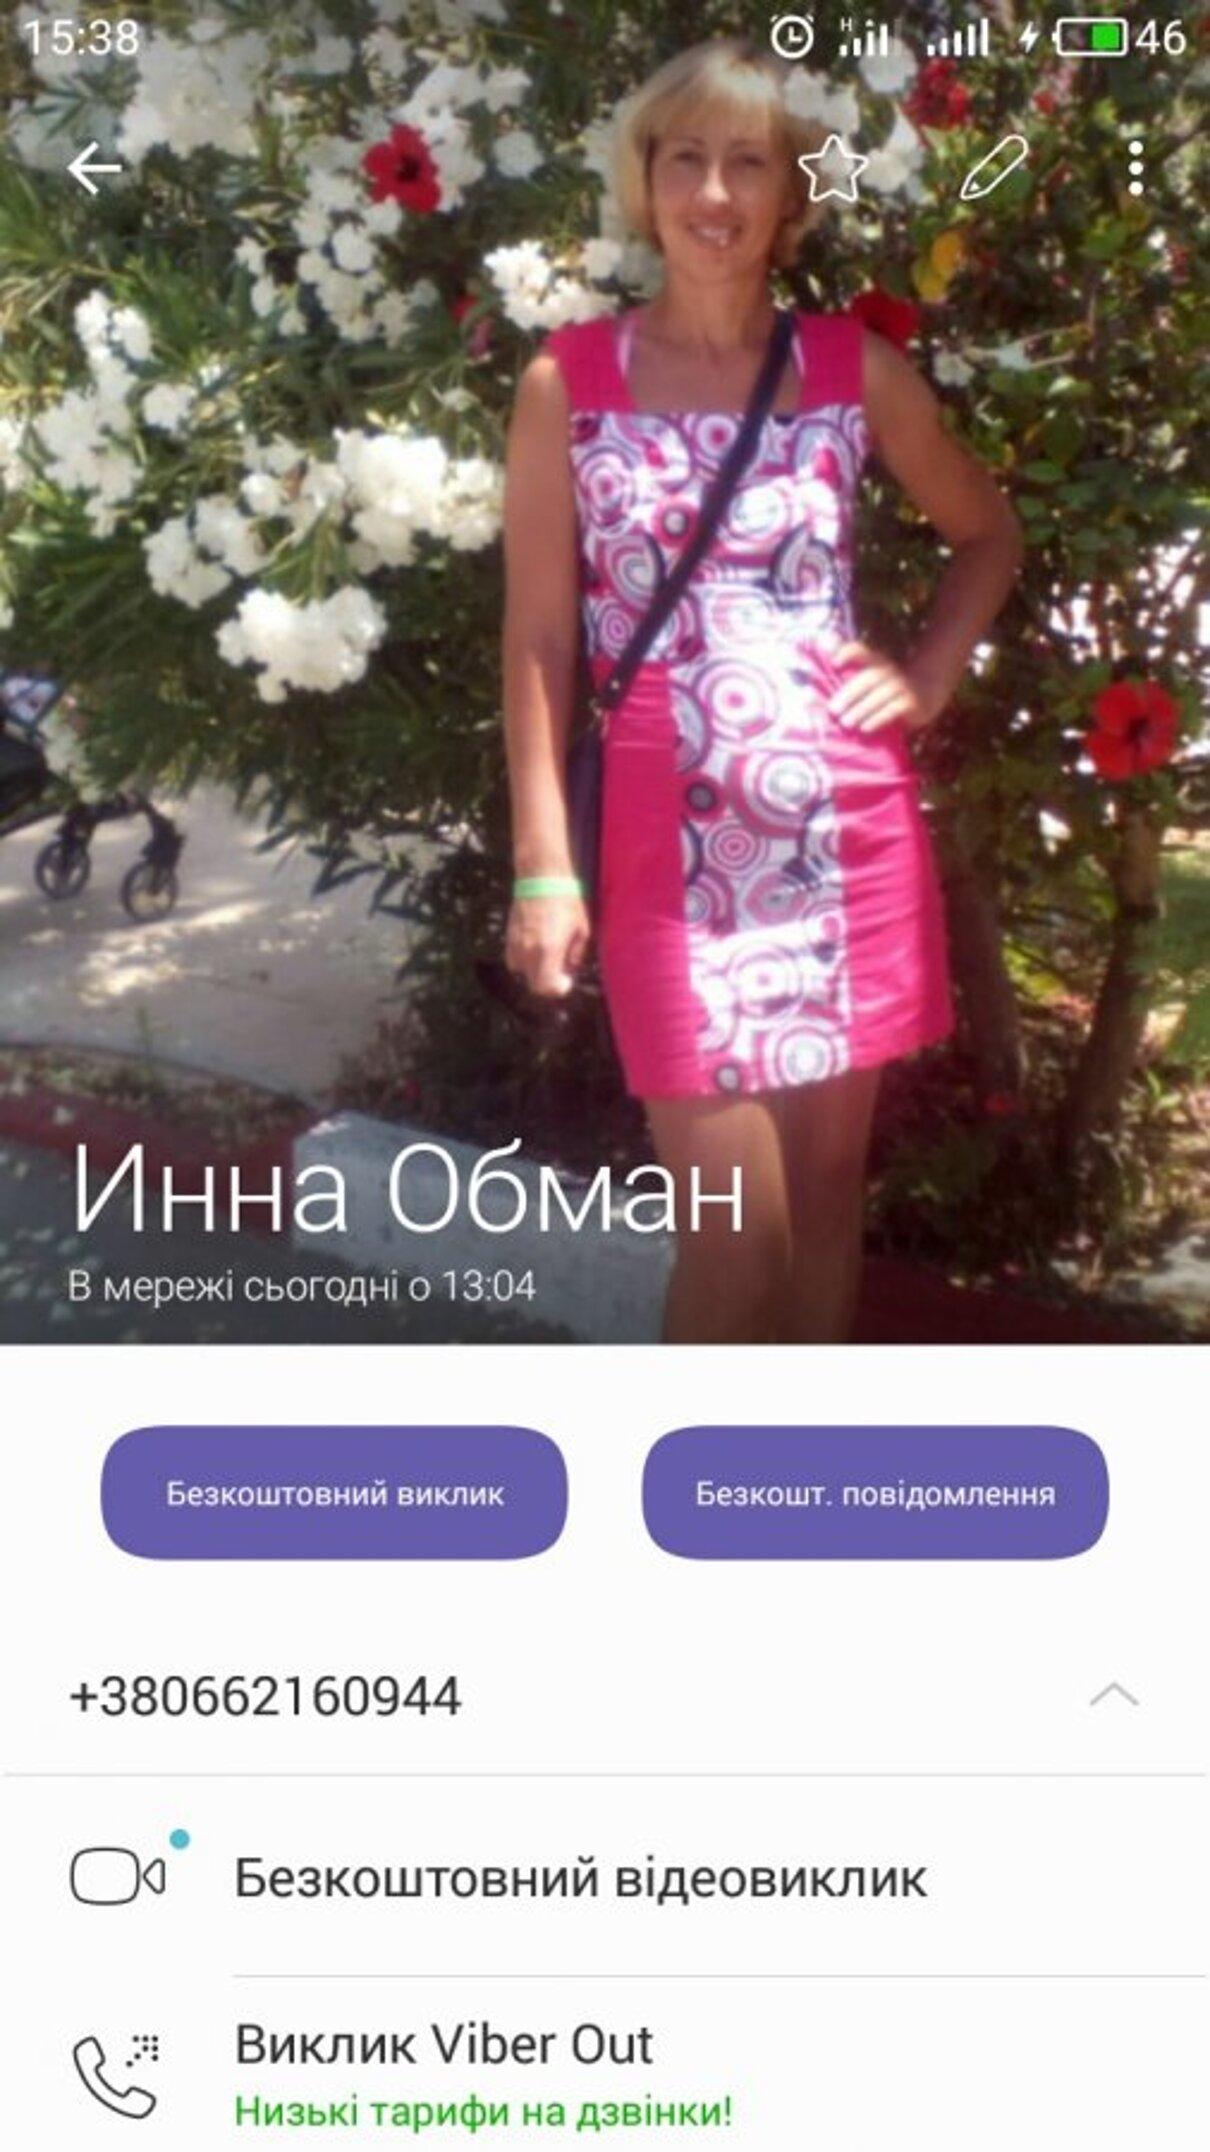 Жалоба-отзыв: Инна Дзыковская - Обман, оскарбление